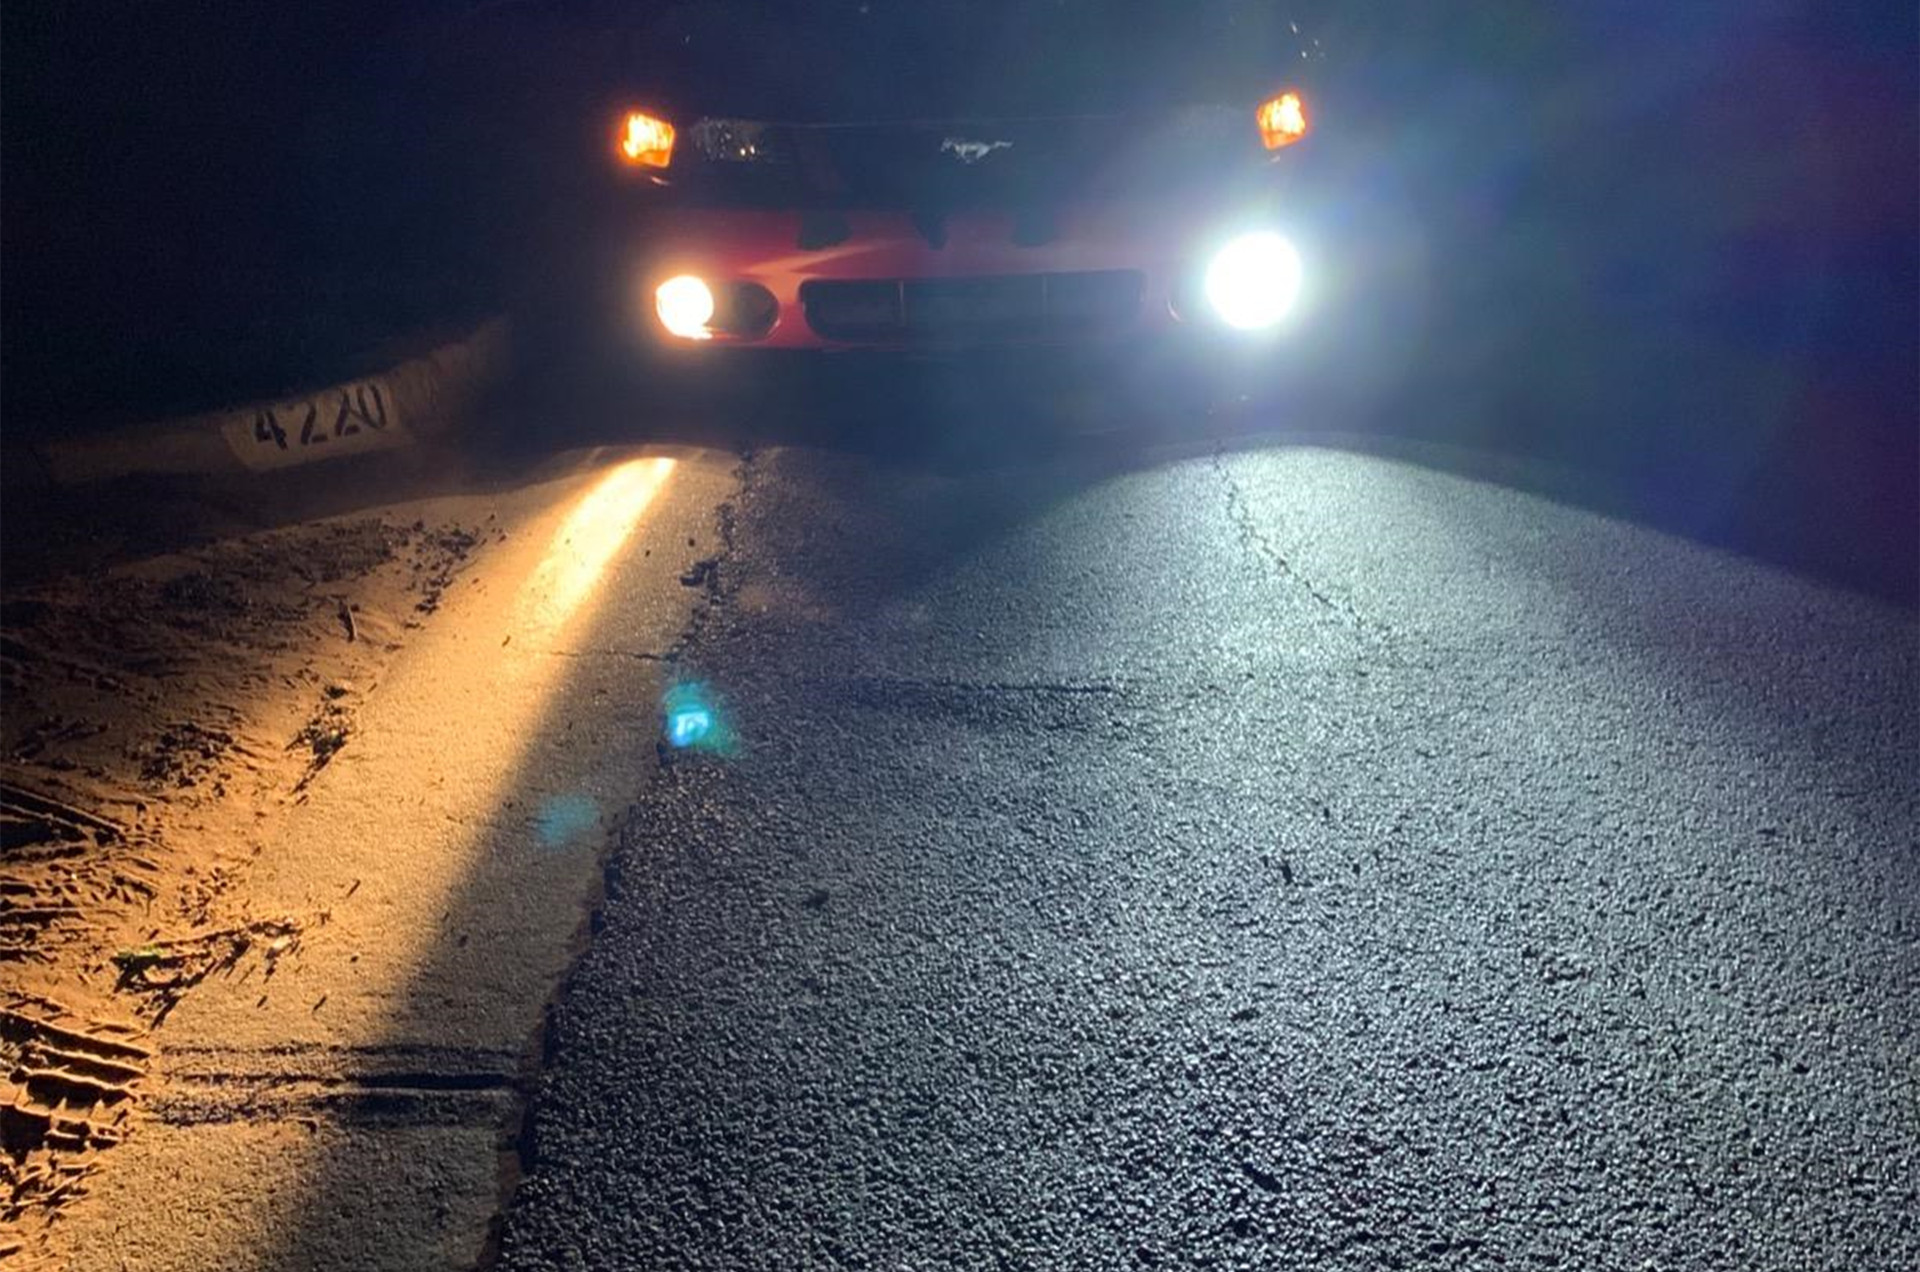 Ford-Mustang-Fog-Lights-bulbs-Alla-6000K-White-vs-Halogen-Lamp-55W